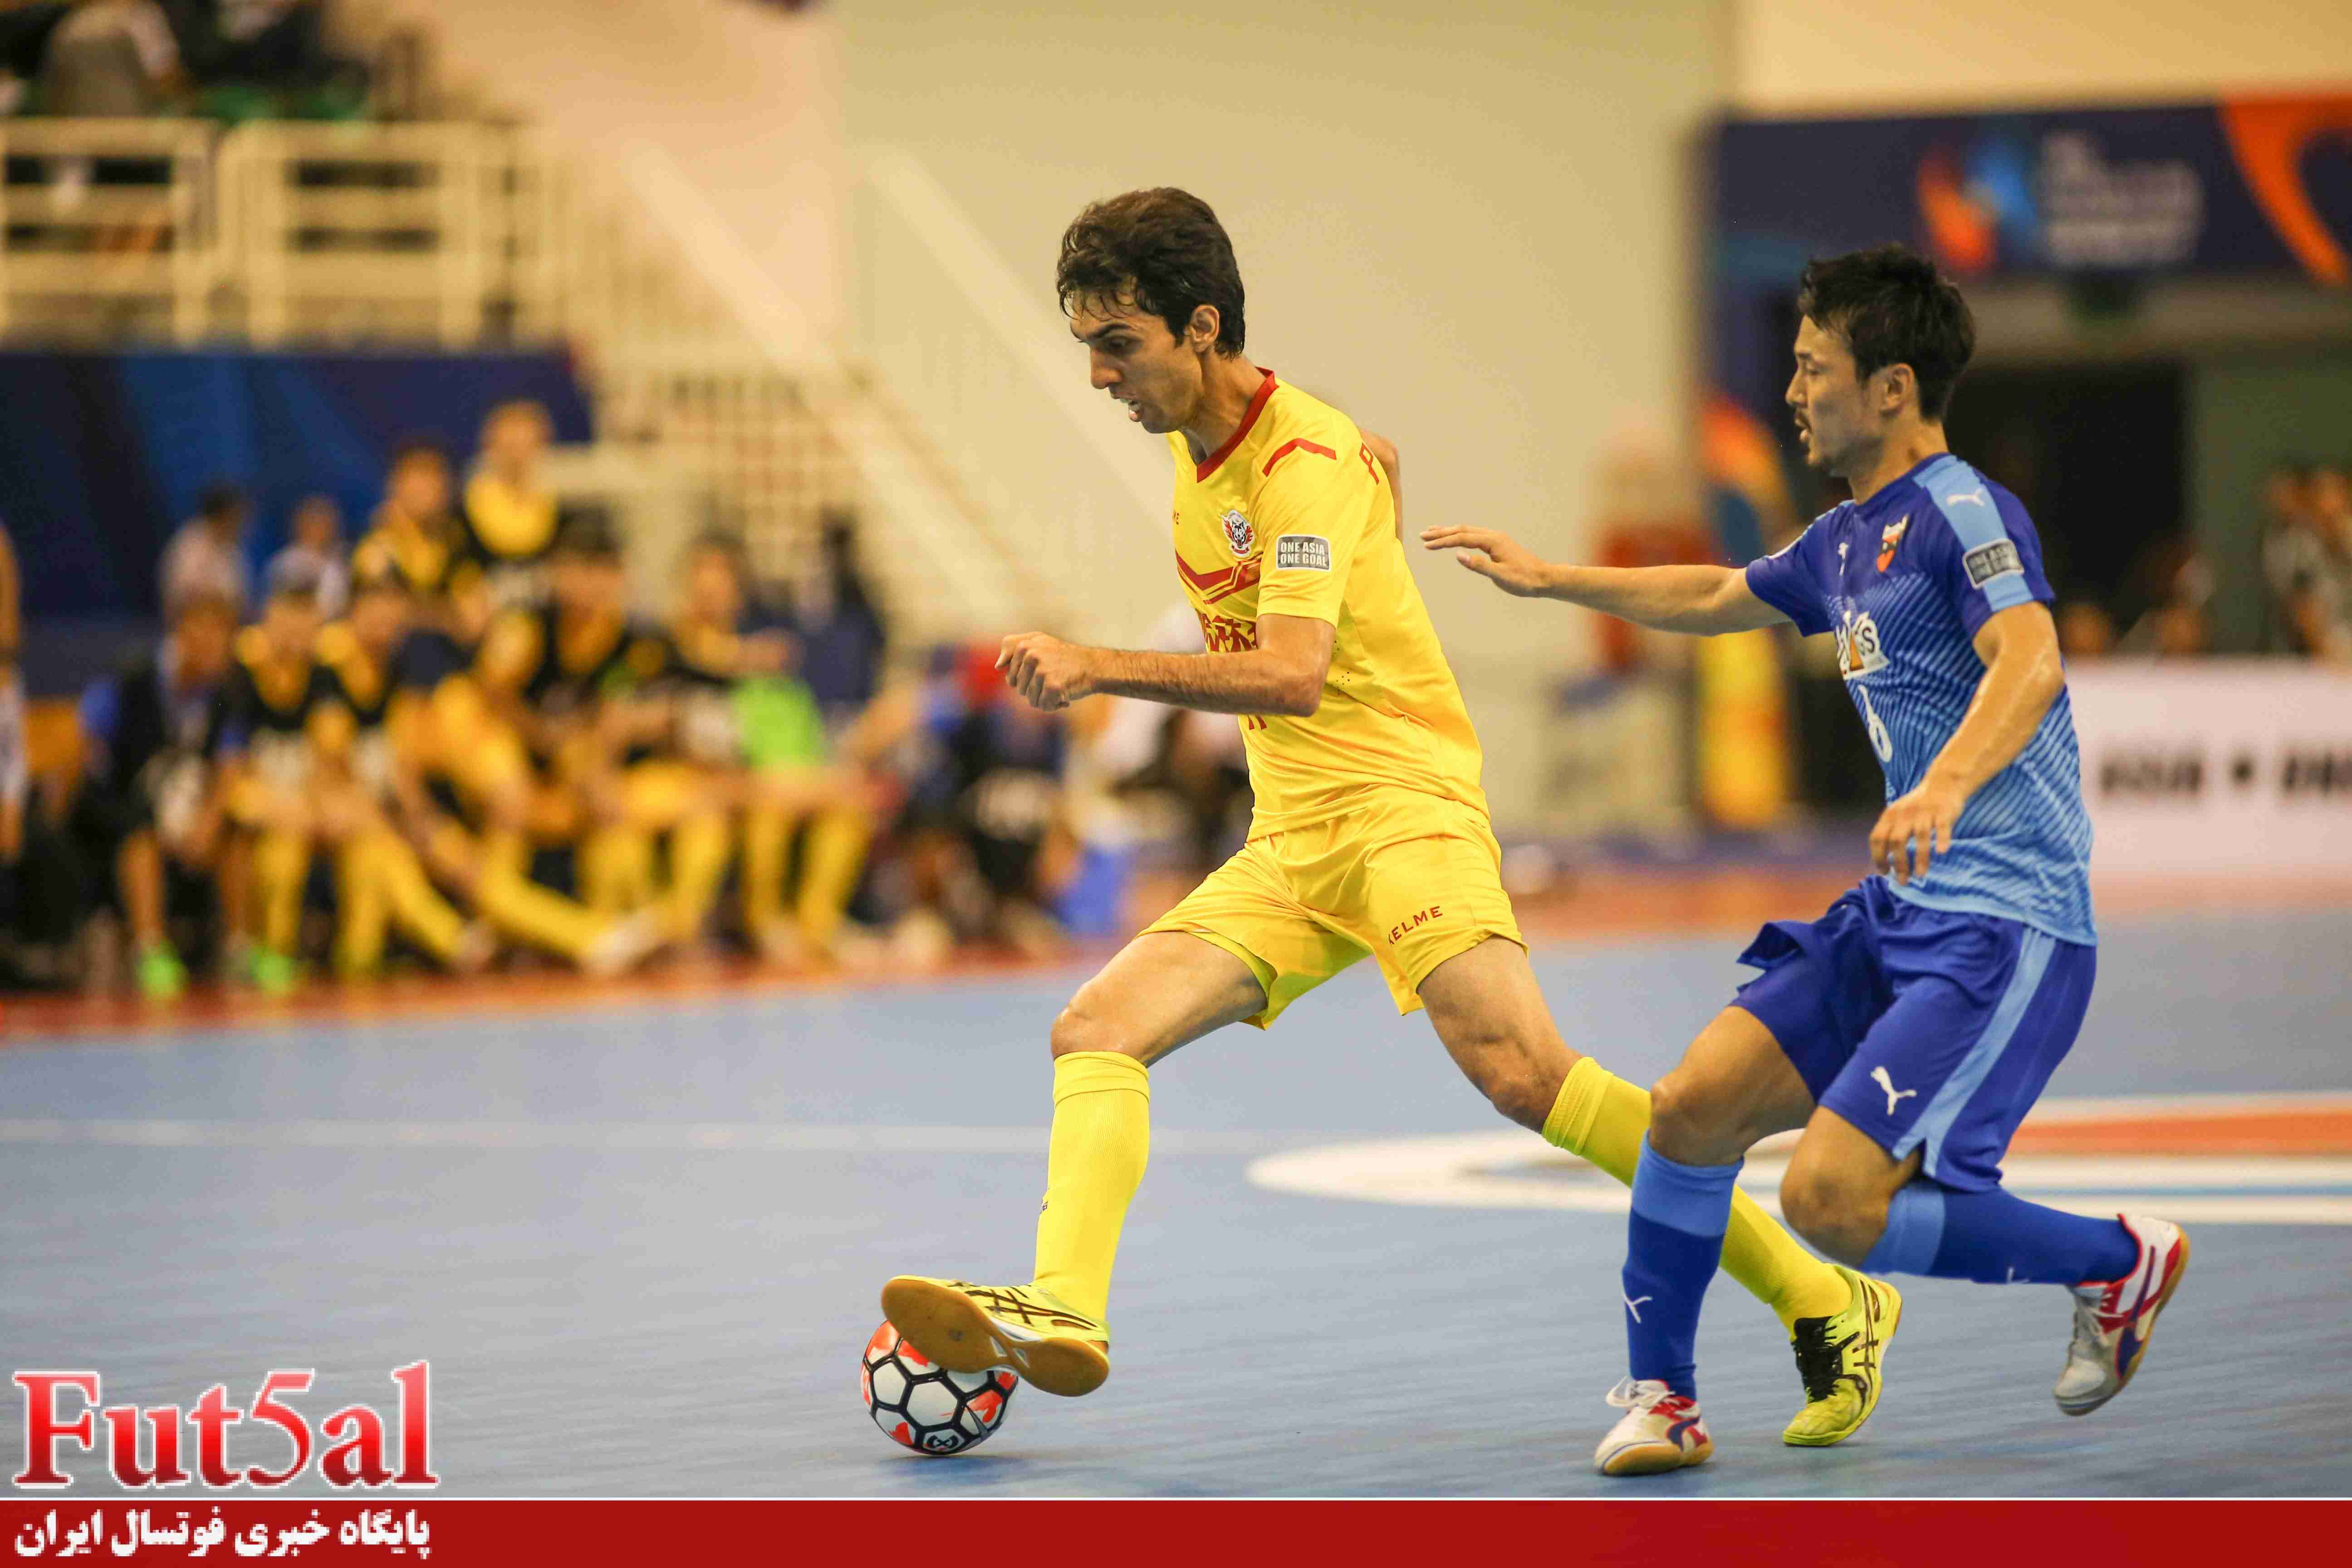 پیروزی الشرطه در شب هت تریک بازیکن ایرانی